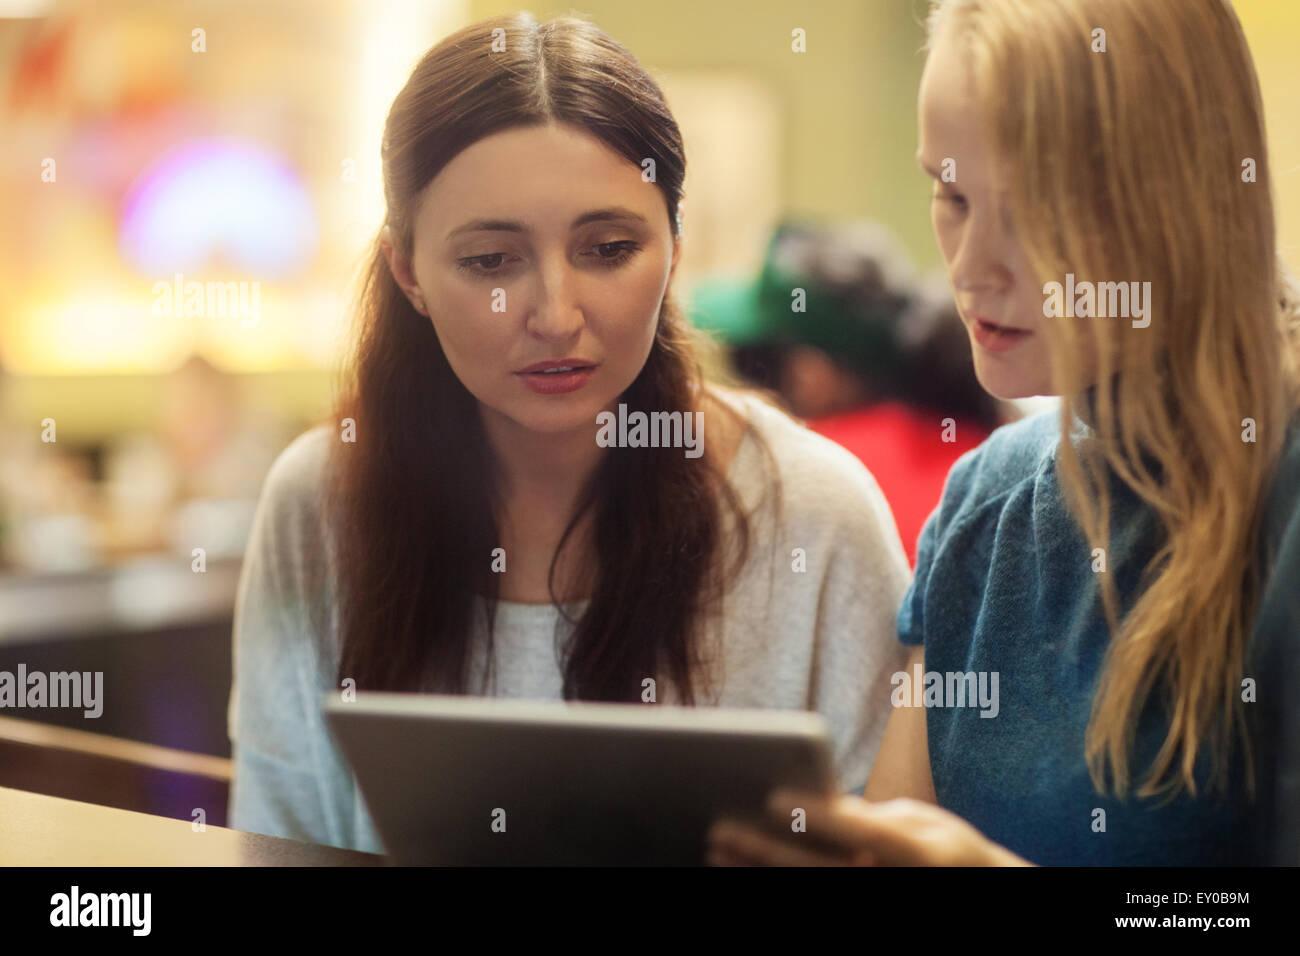 Zwei Frauen haben eine Diskussion im Restaurant mit elektronischen tablet Stockbild